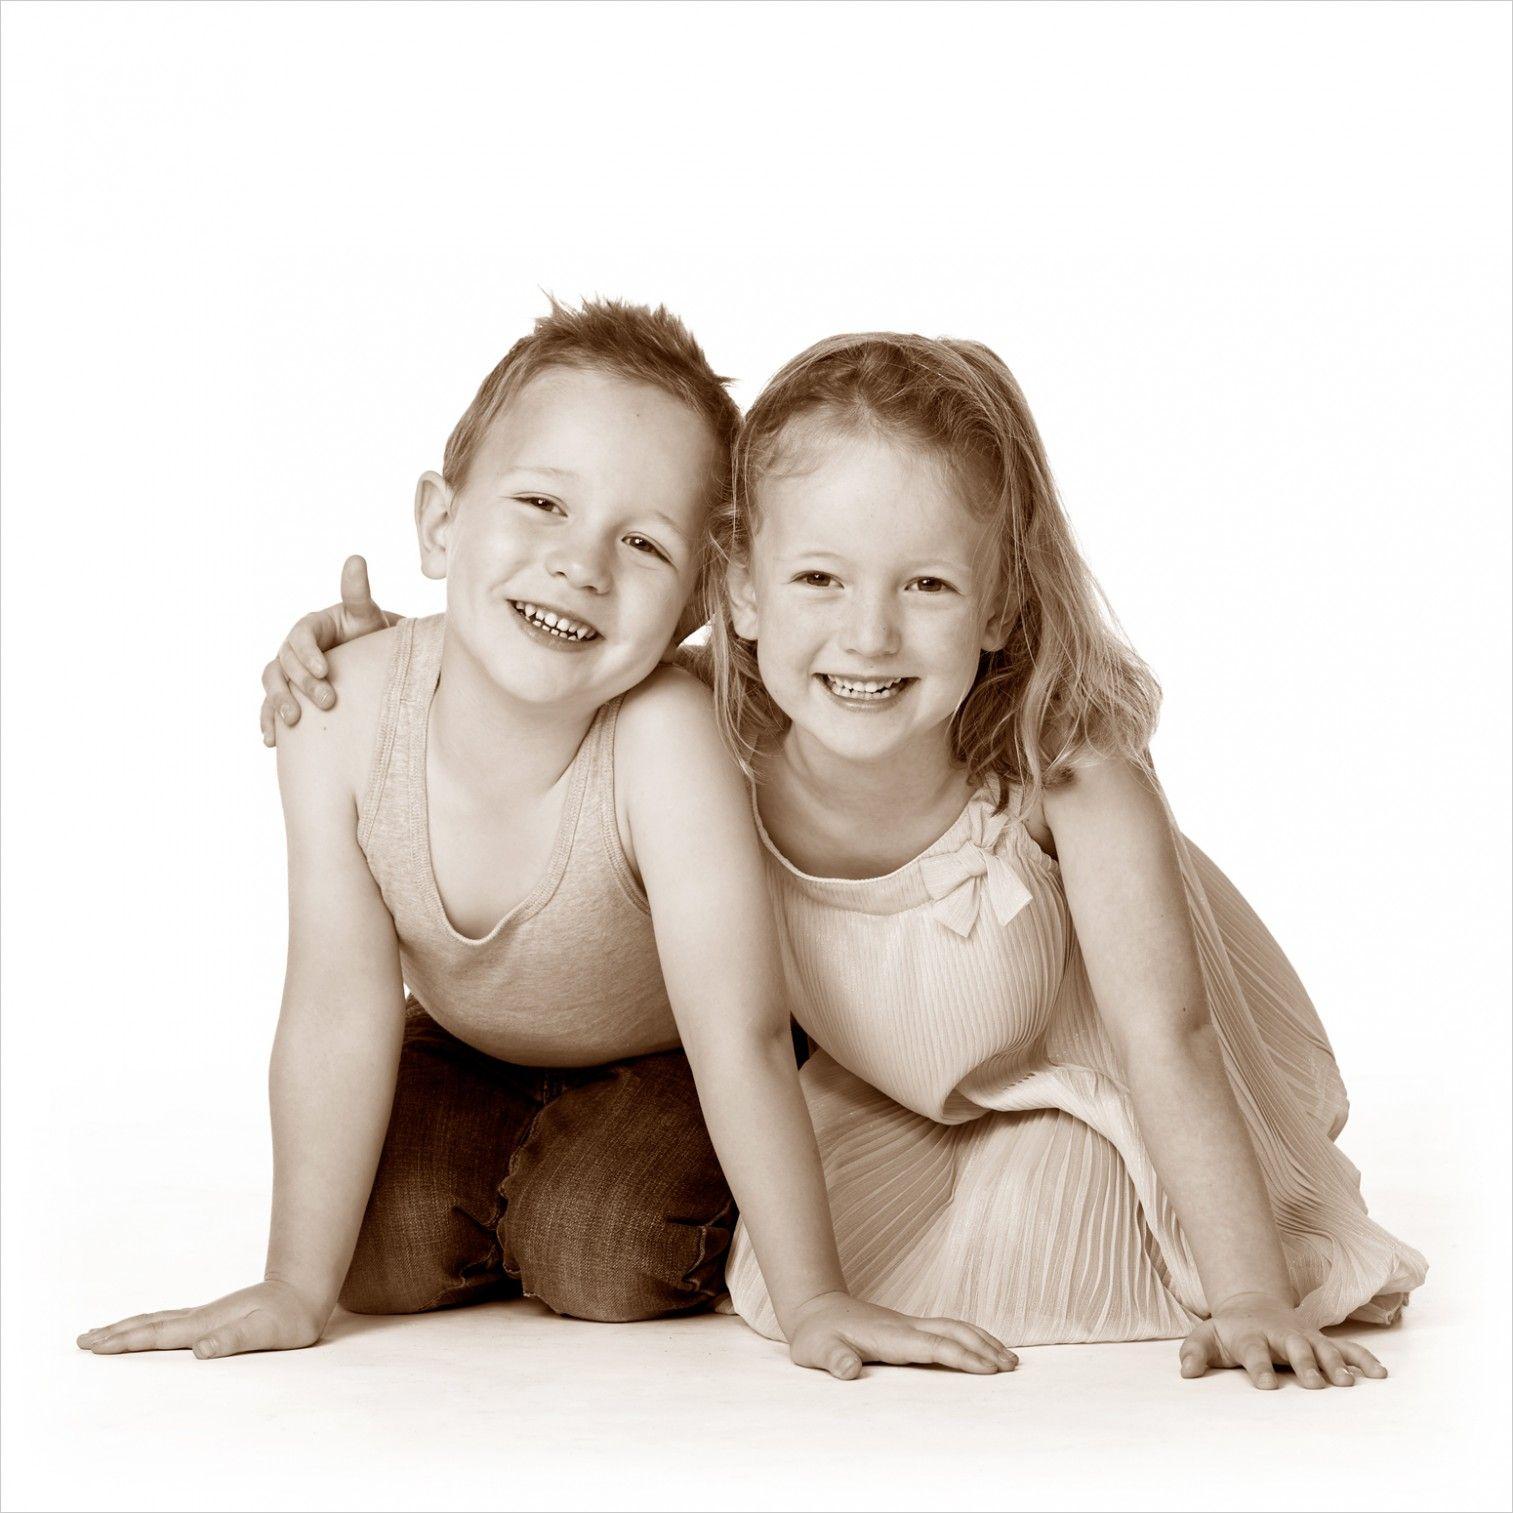 Verwonderlijk Pin op Kinderfotografie - Kinderfotograaf Patrick De Clercq RL-83